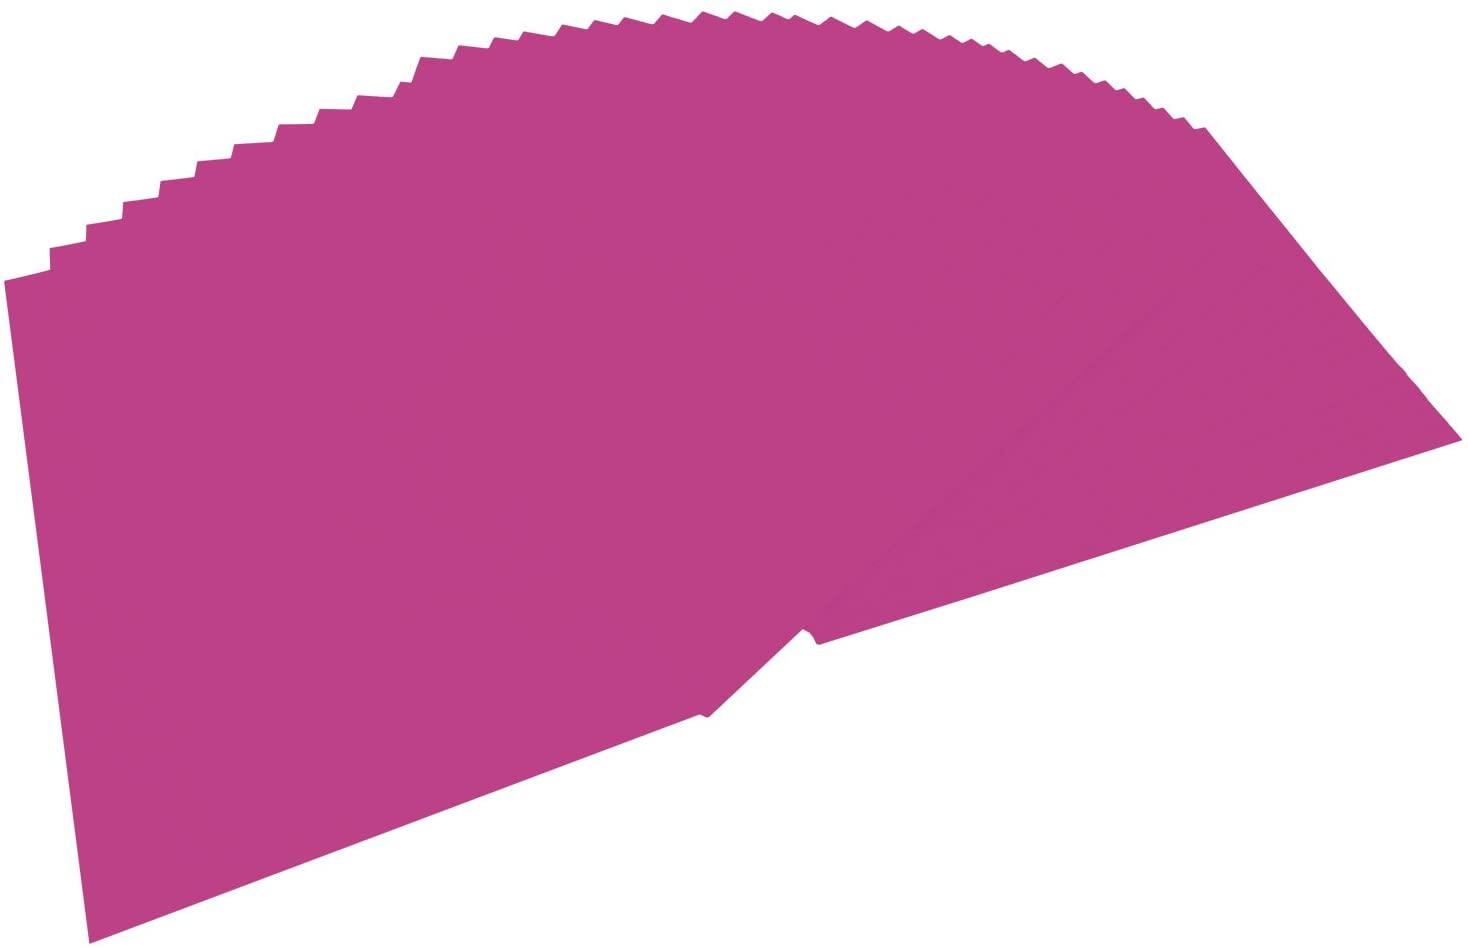 folia 6421 - Tonpapier eosin, DIN A4, 130 g/qm, 100 Blatt - zum Basteln und kreativen Gestalten von